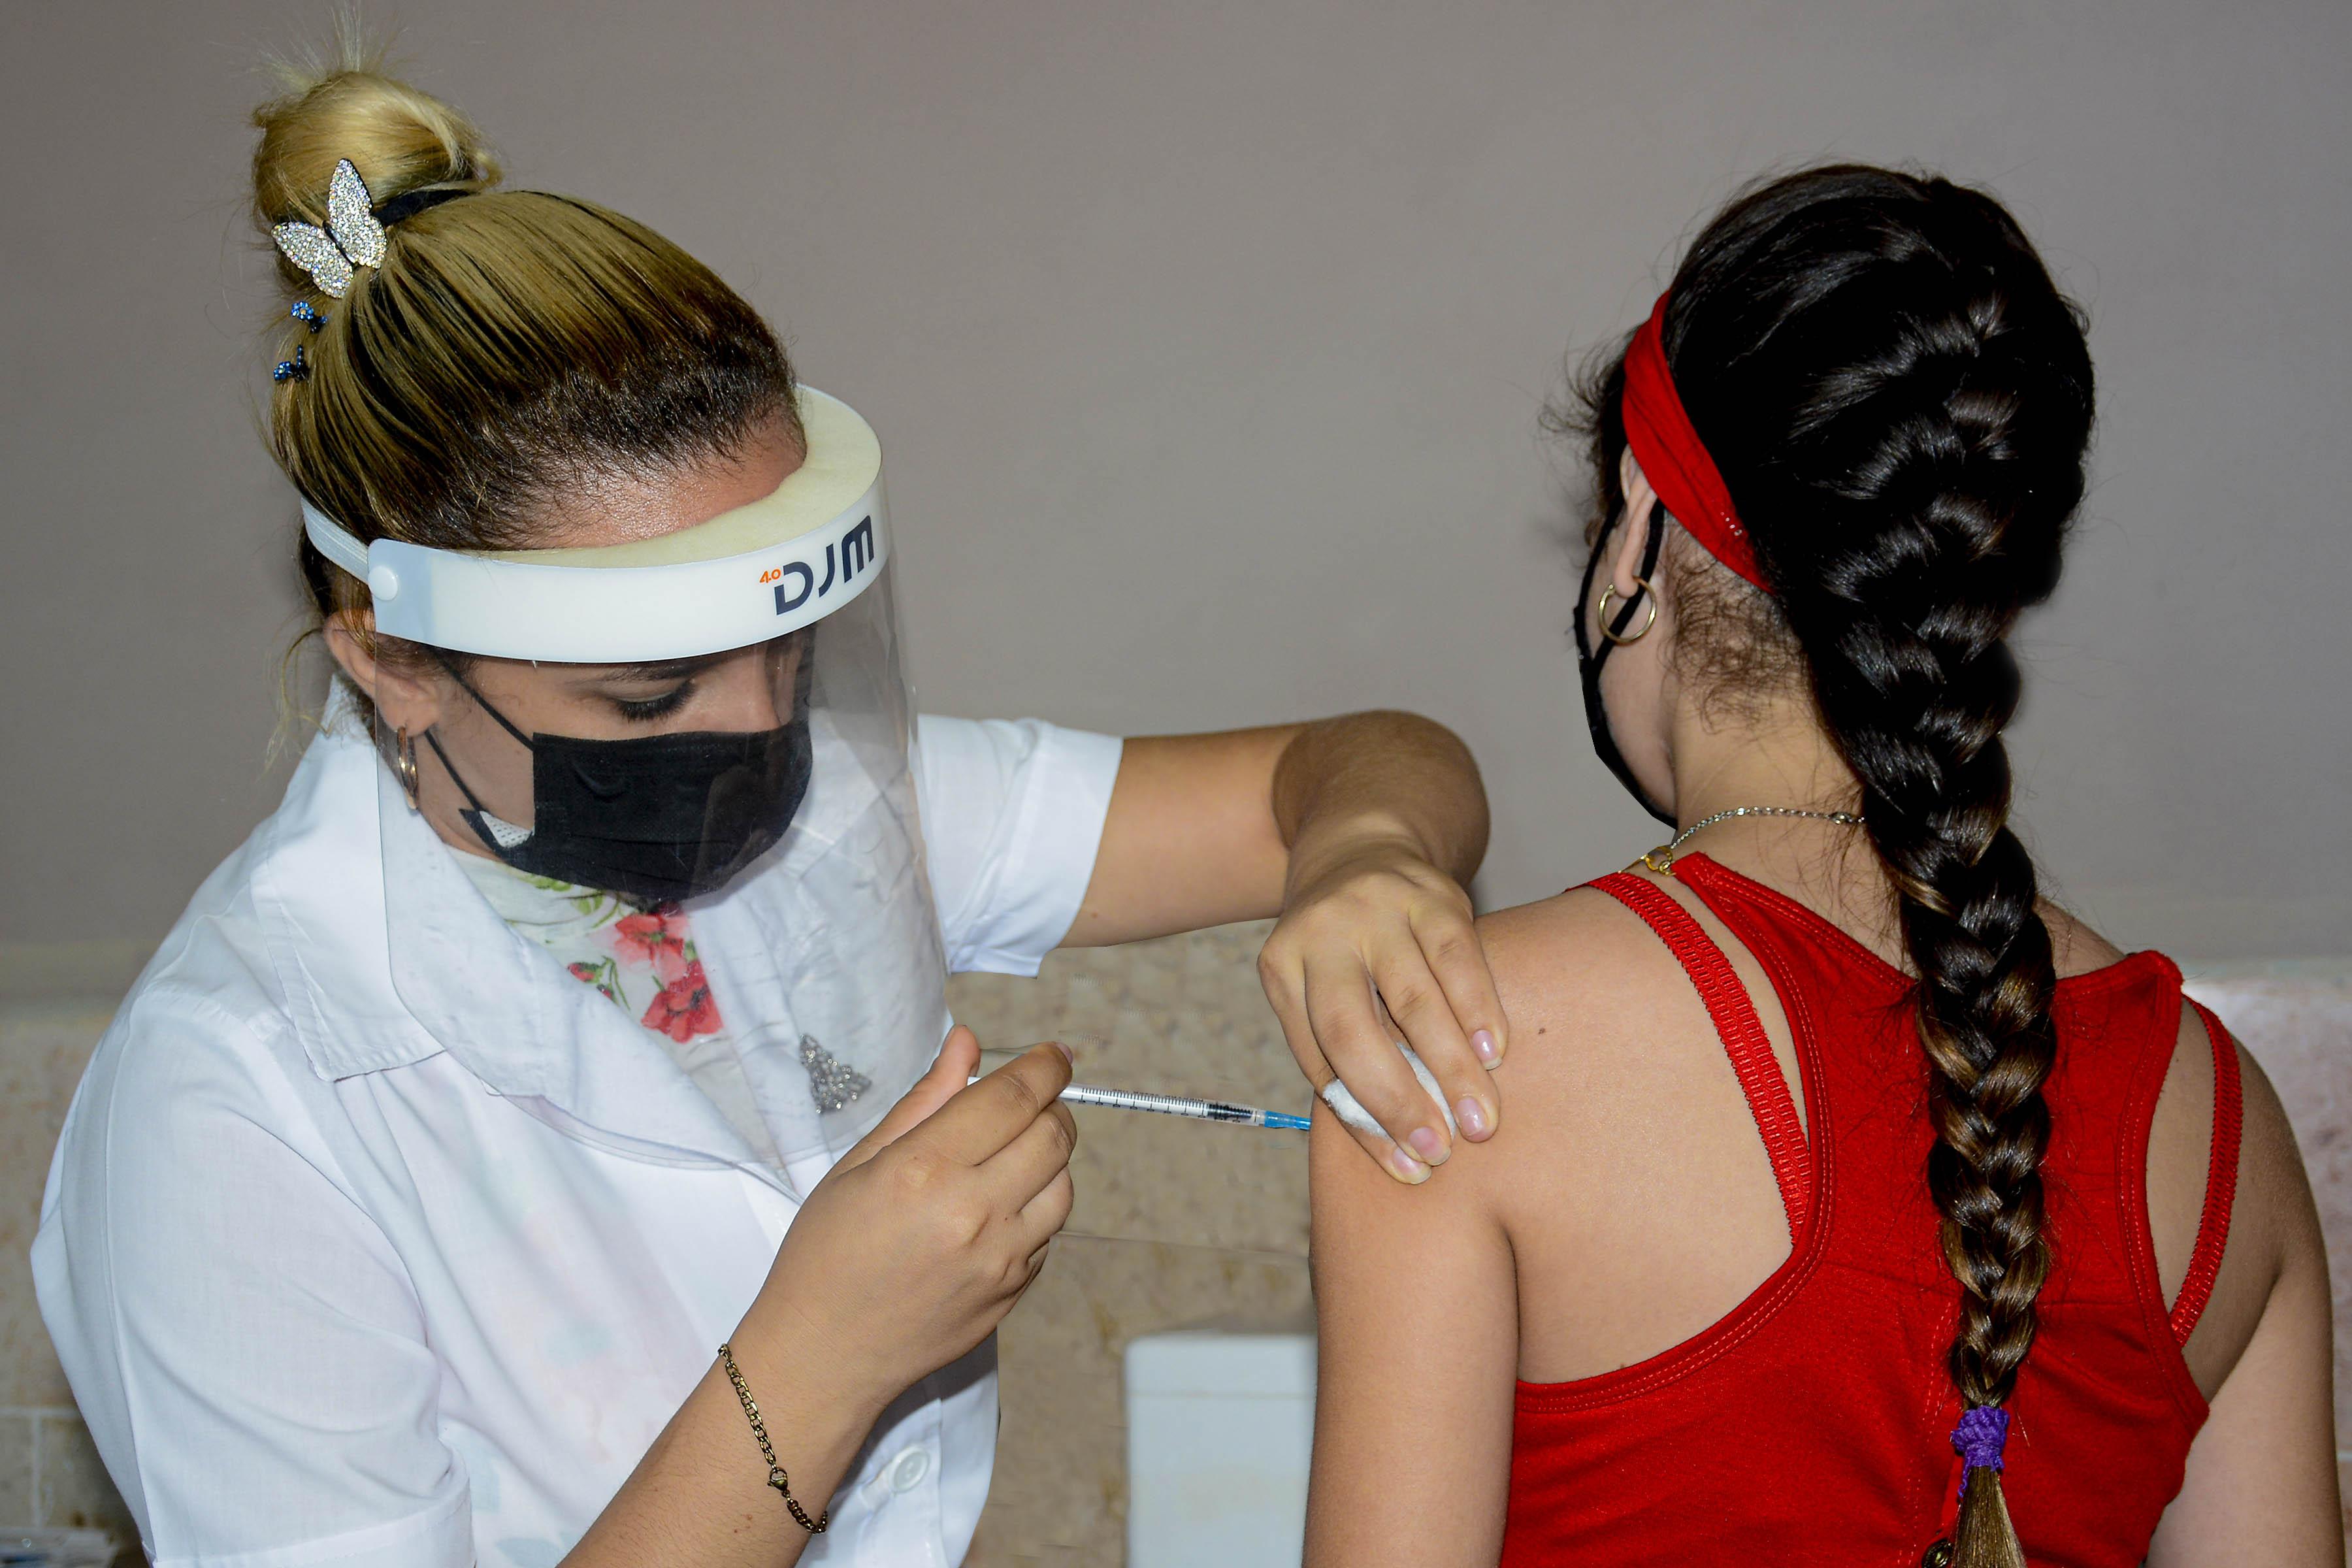 Centros educativos fungen como vacunatorios para inmunizar población pediátrica